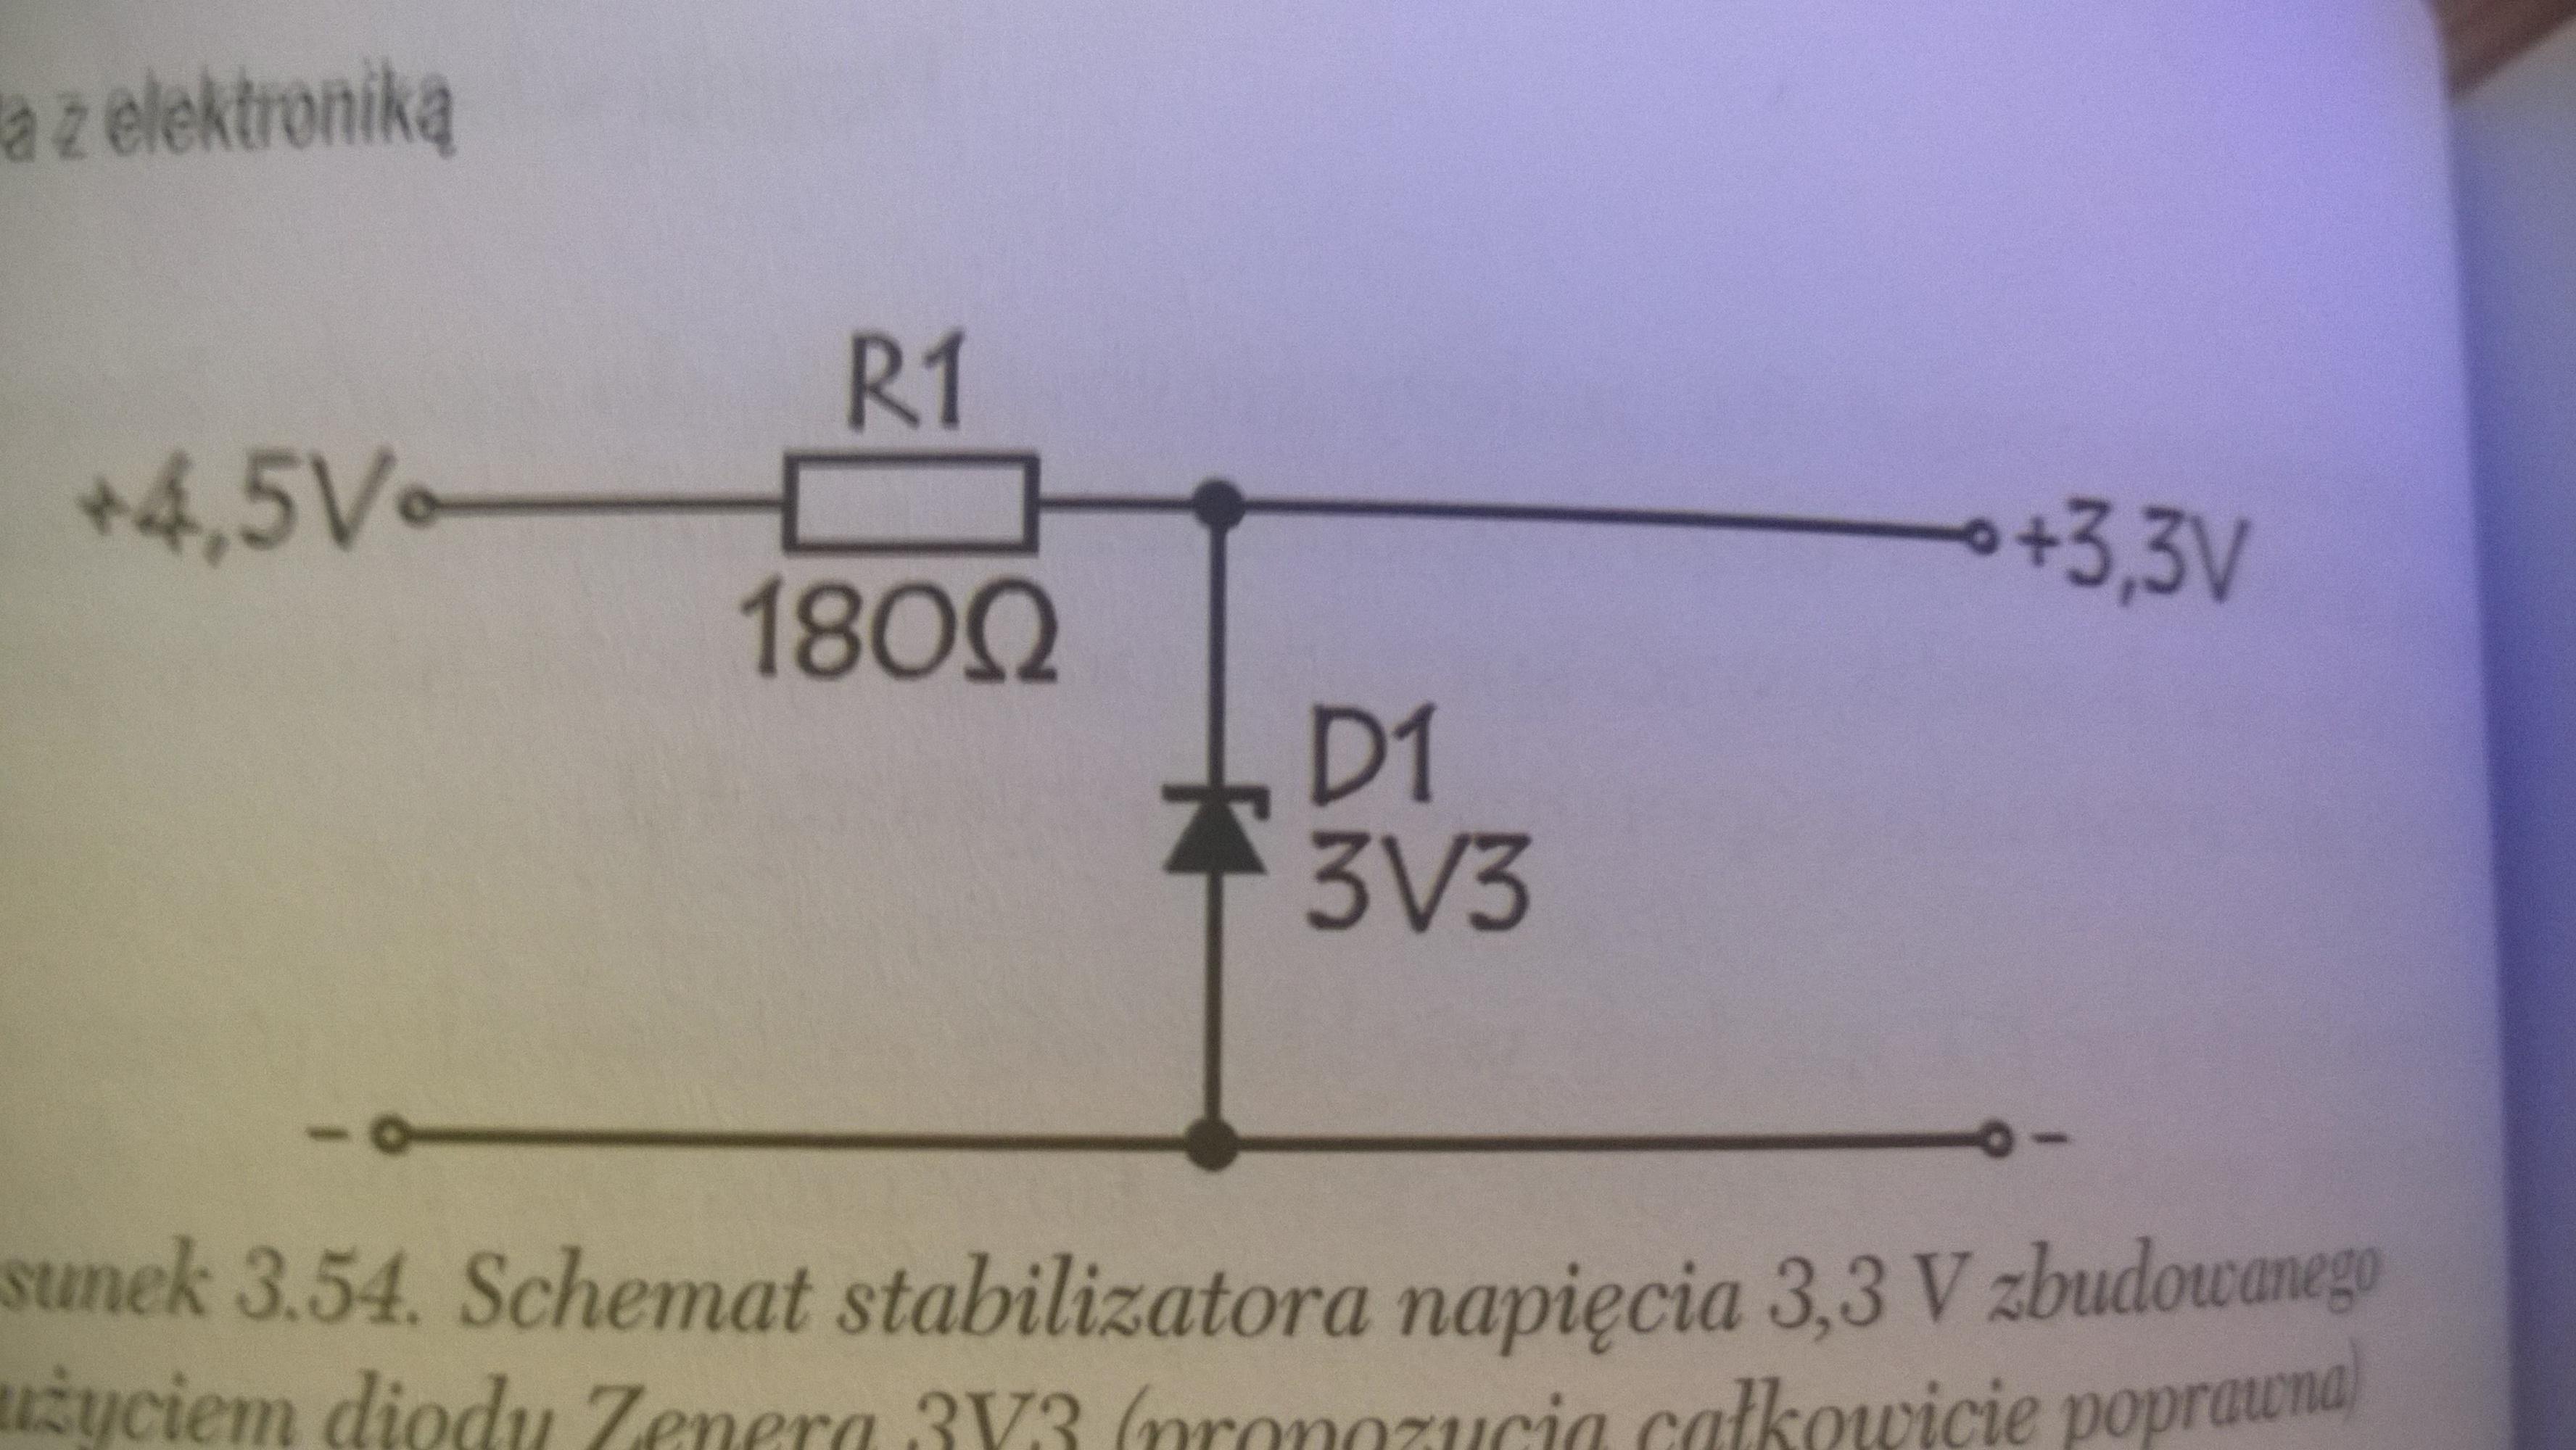 Stabilizator napi�cia z diod� Zenera